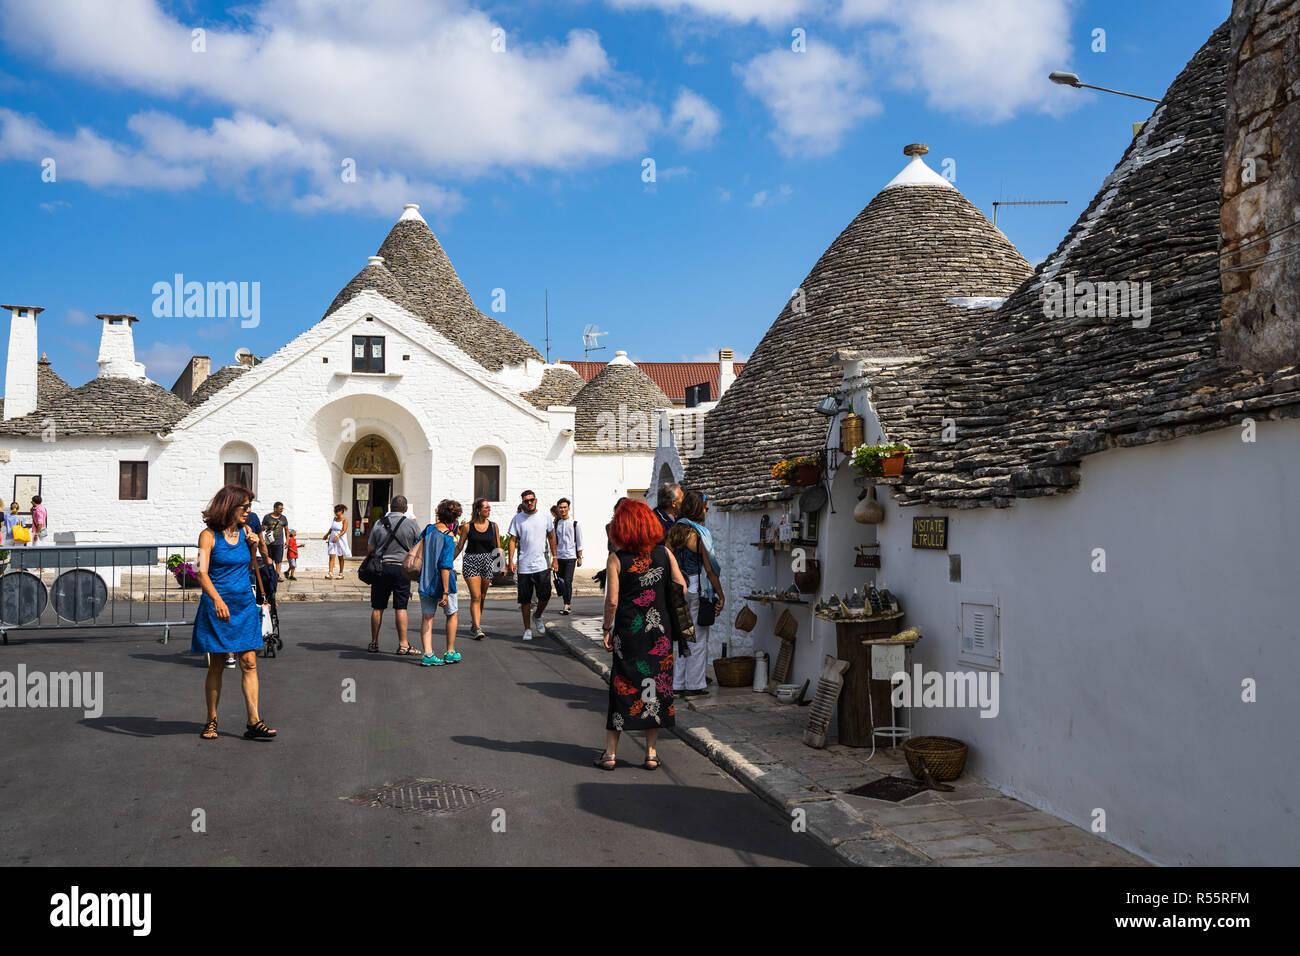 """En la entrada de turistas """"trullo Sovrano'. En el interior hay un pequeño museo que recrea la vida rural. Alberobello, Puglia, Italia, agosto de 2017 Imagen De Stock"""